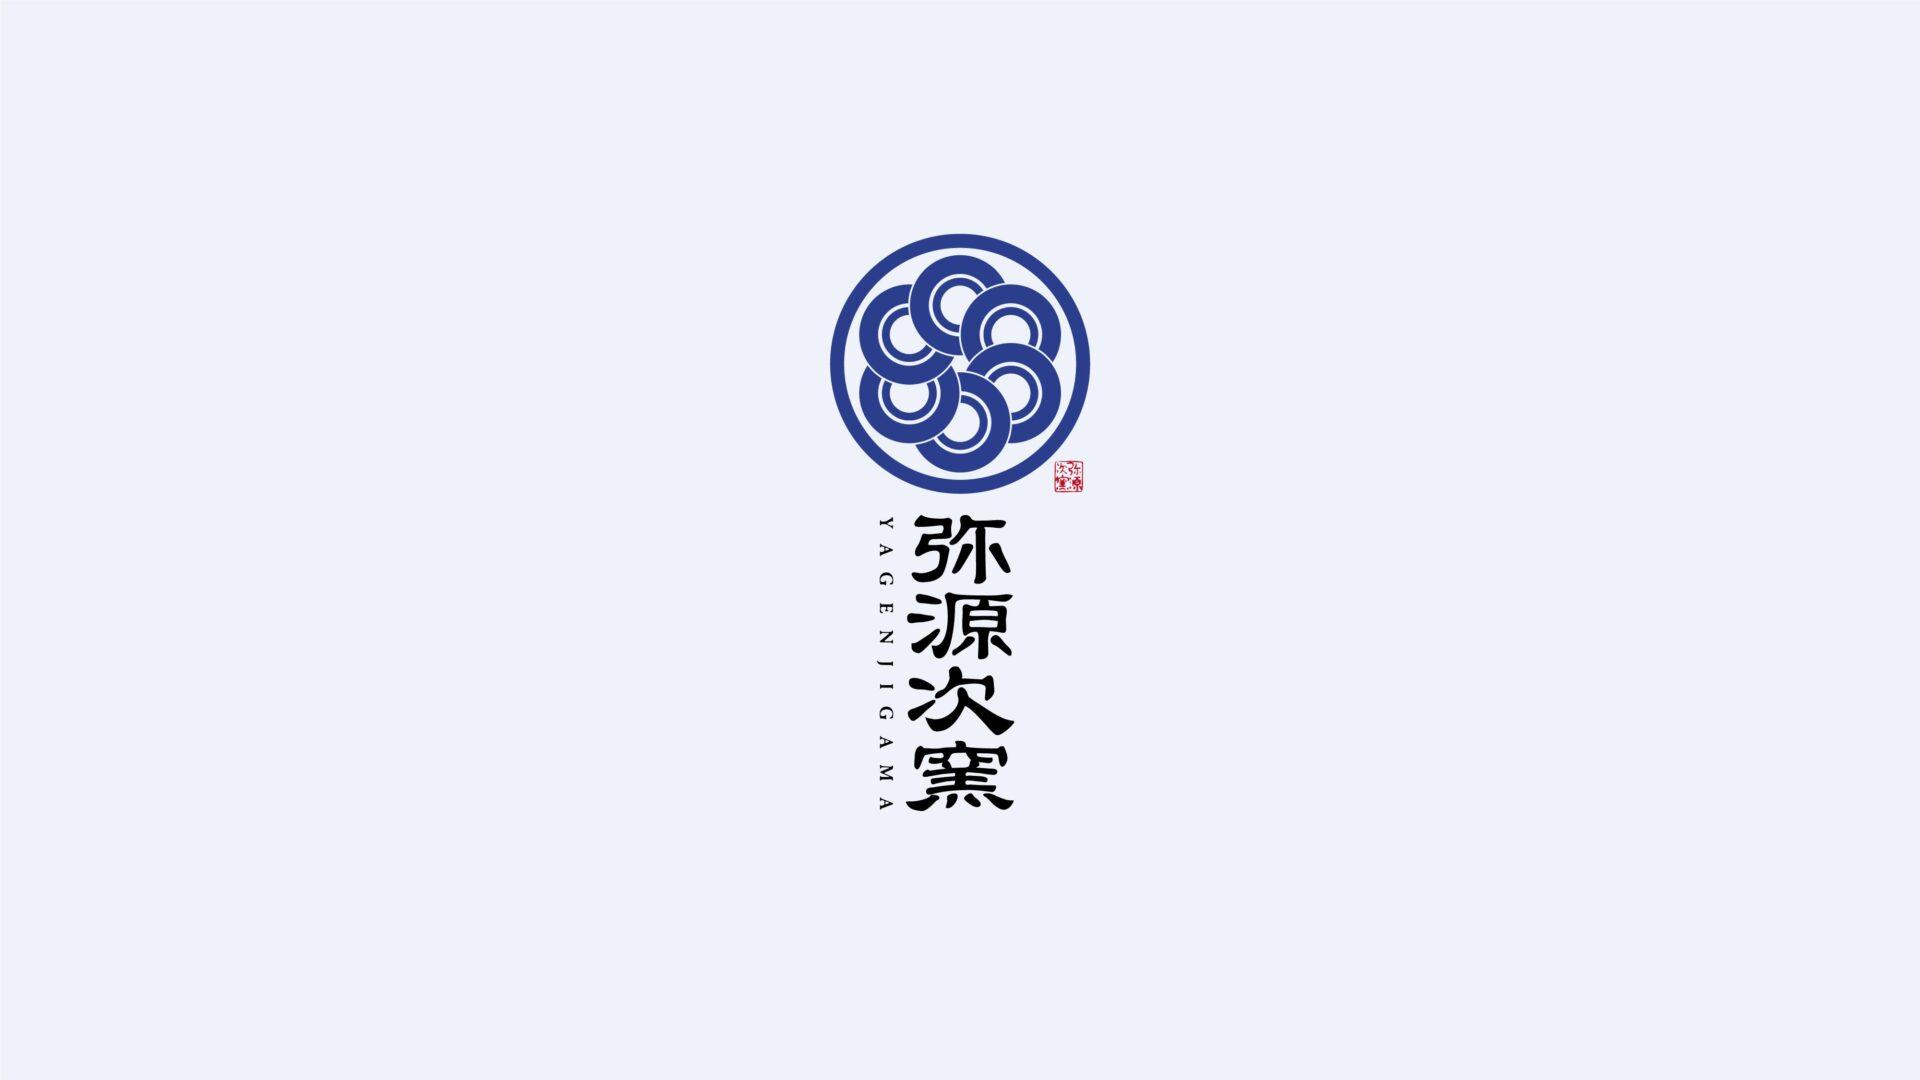 「YAGENJIGAMA」のサムネイル画像